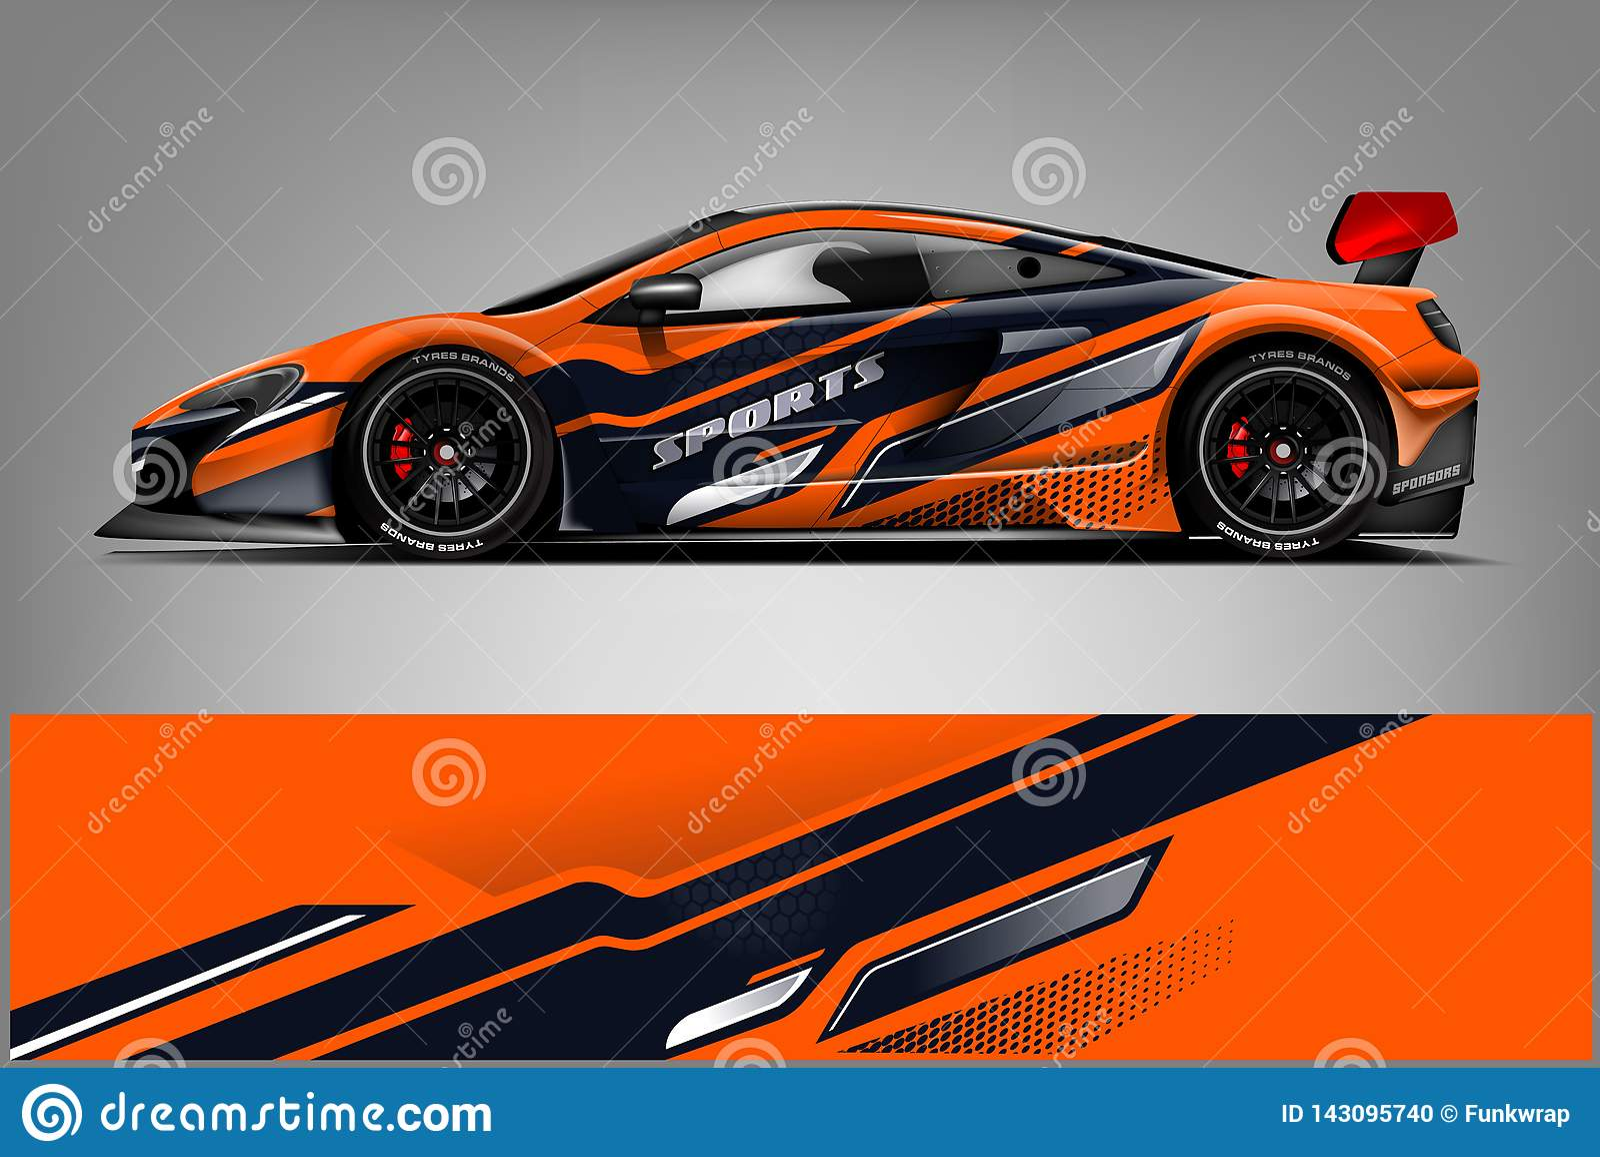 Design för sjal för springa för sportbil f?r designeps f?r 10 bakgrund vektor f?r tech - Mappen f?r vektorn